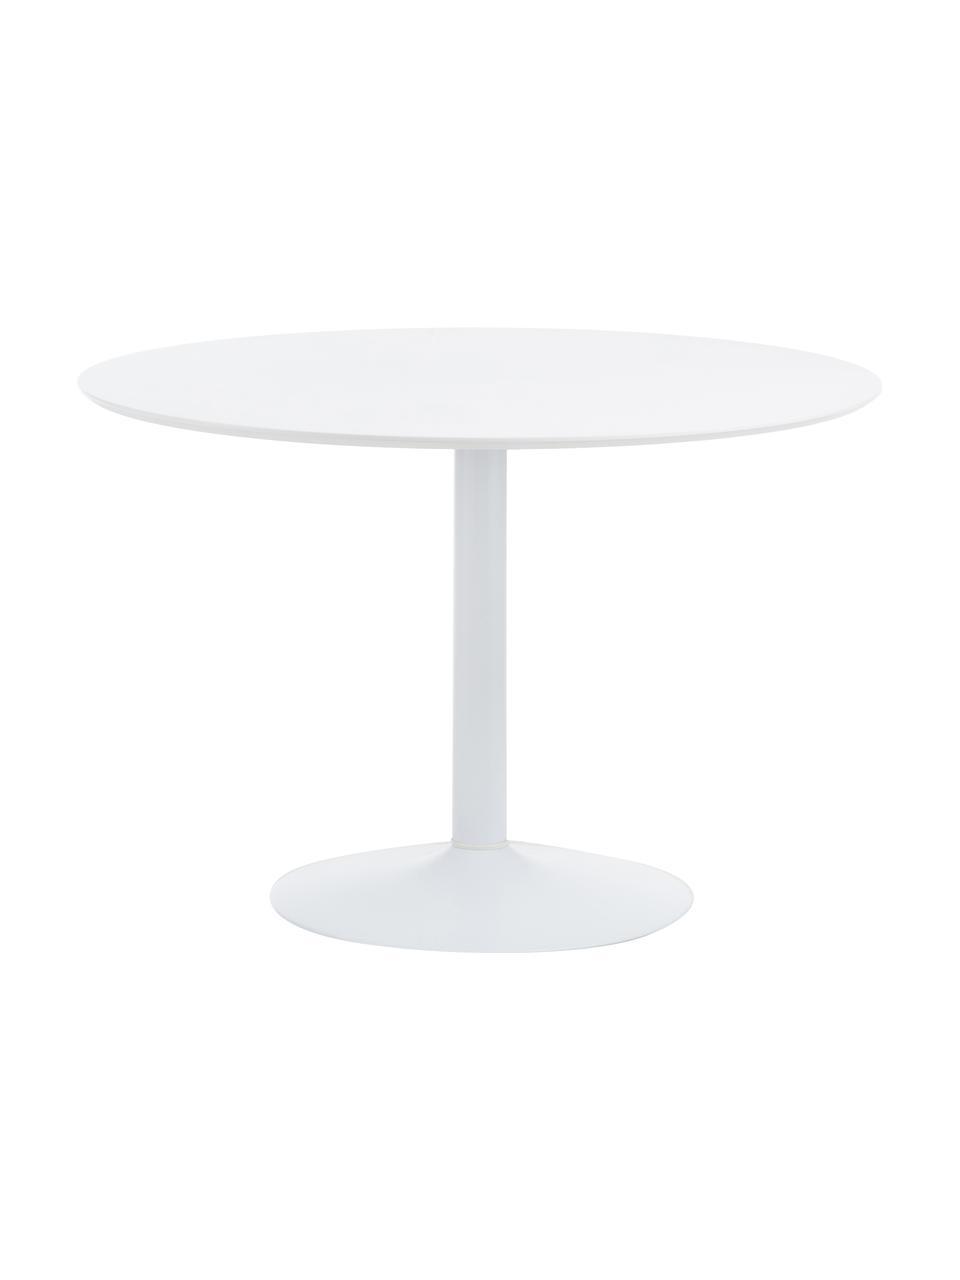 Runder Esstisch Mallorca, Ø 110 cm, Tischplatte: Mitteldichte Holzfaserpla, Weiß, Ø 110 cm x H 74 cm